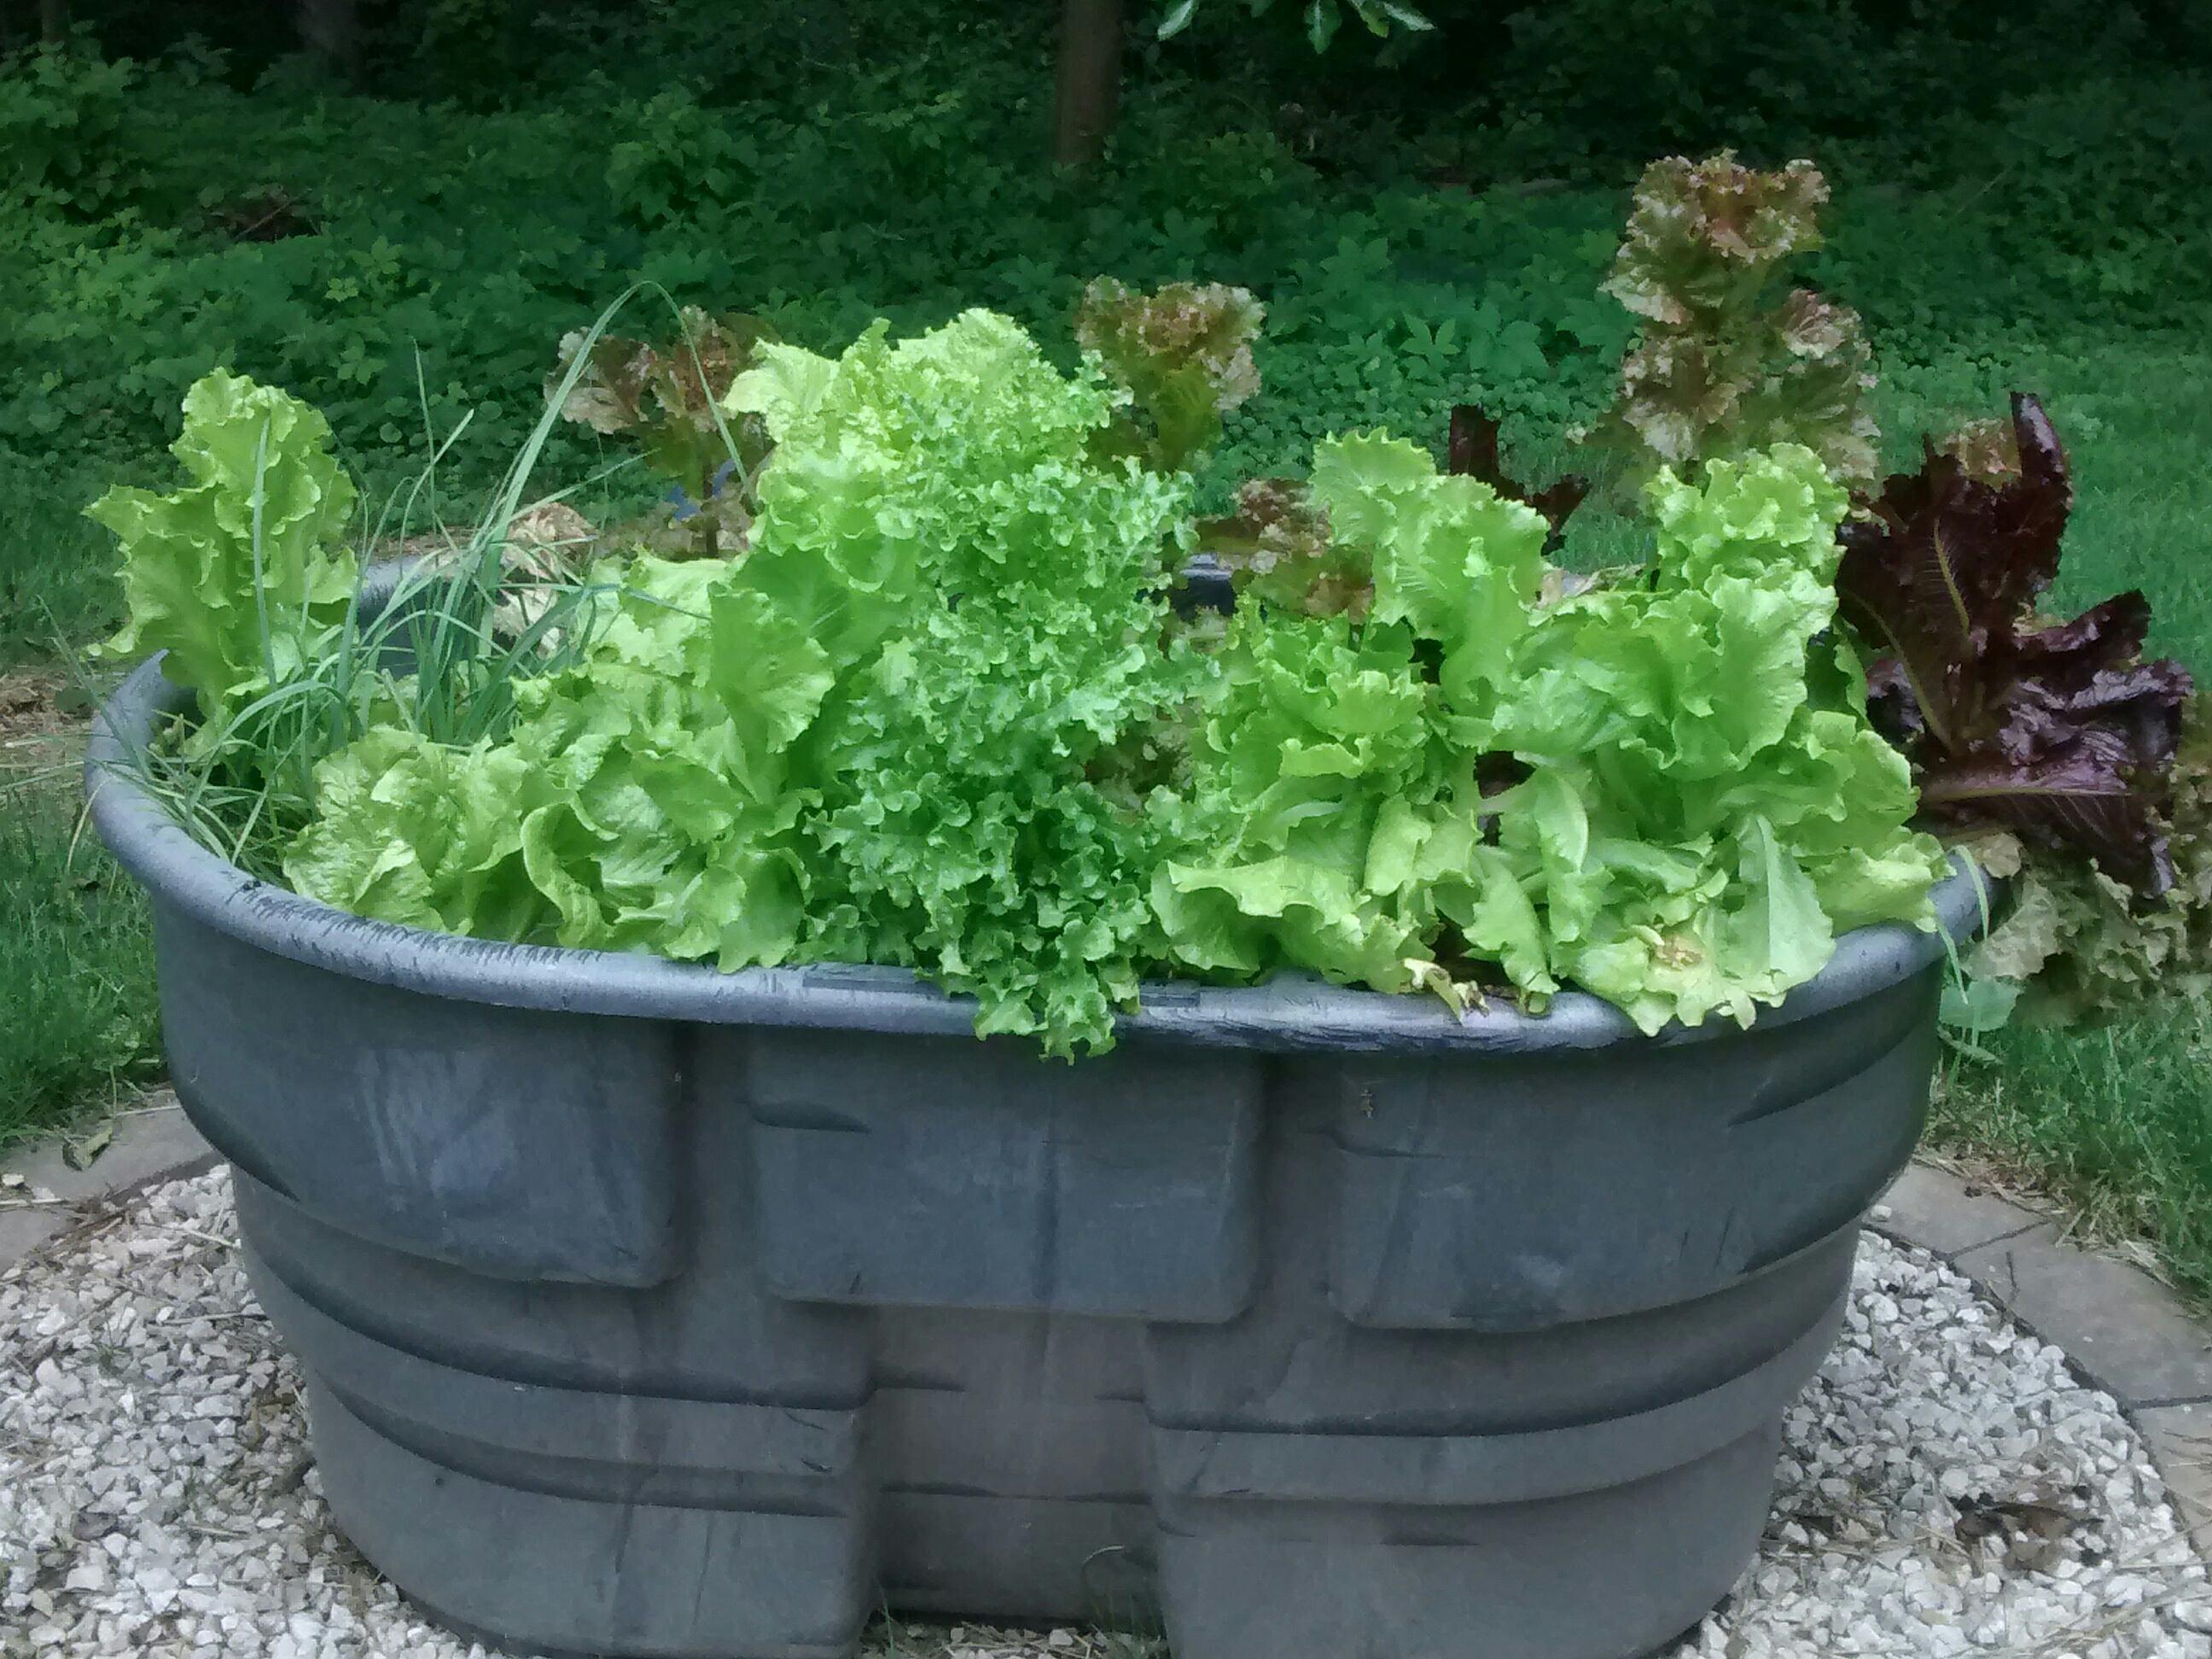 Sower's Harvest, LLC. image 2